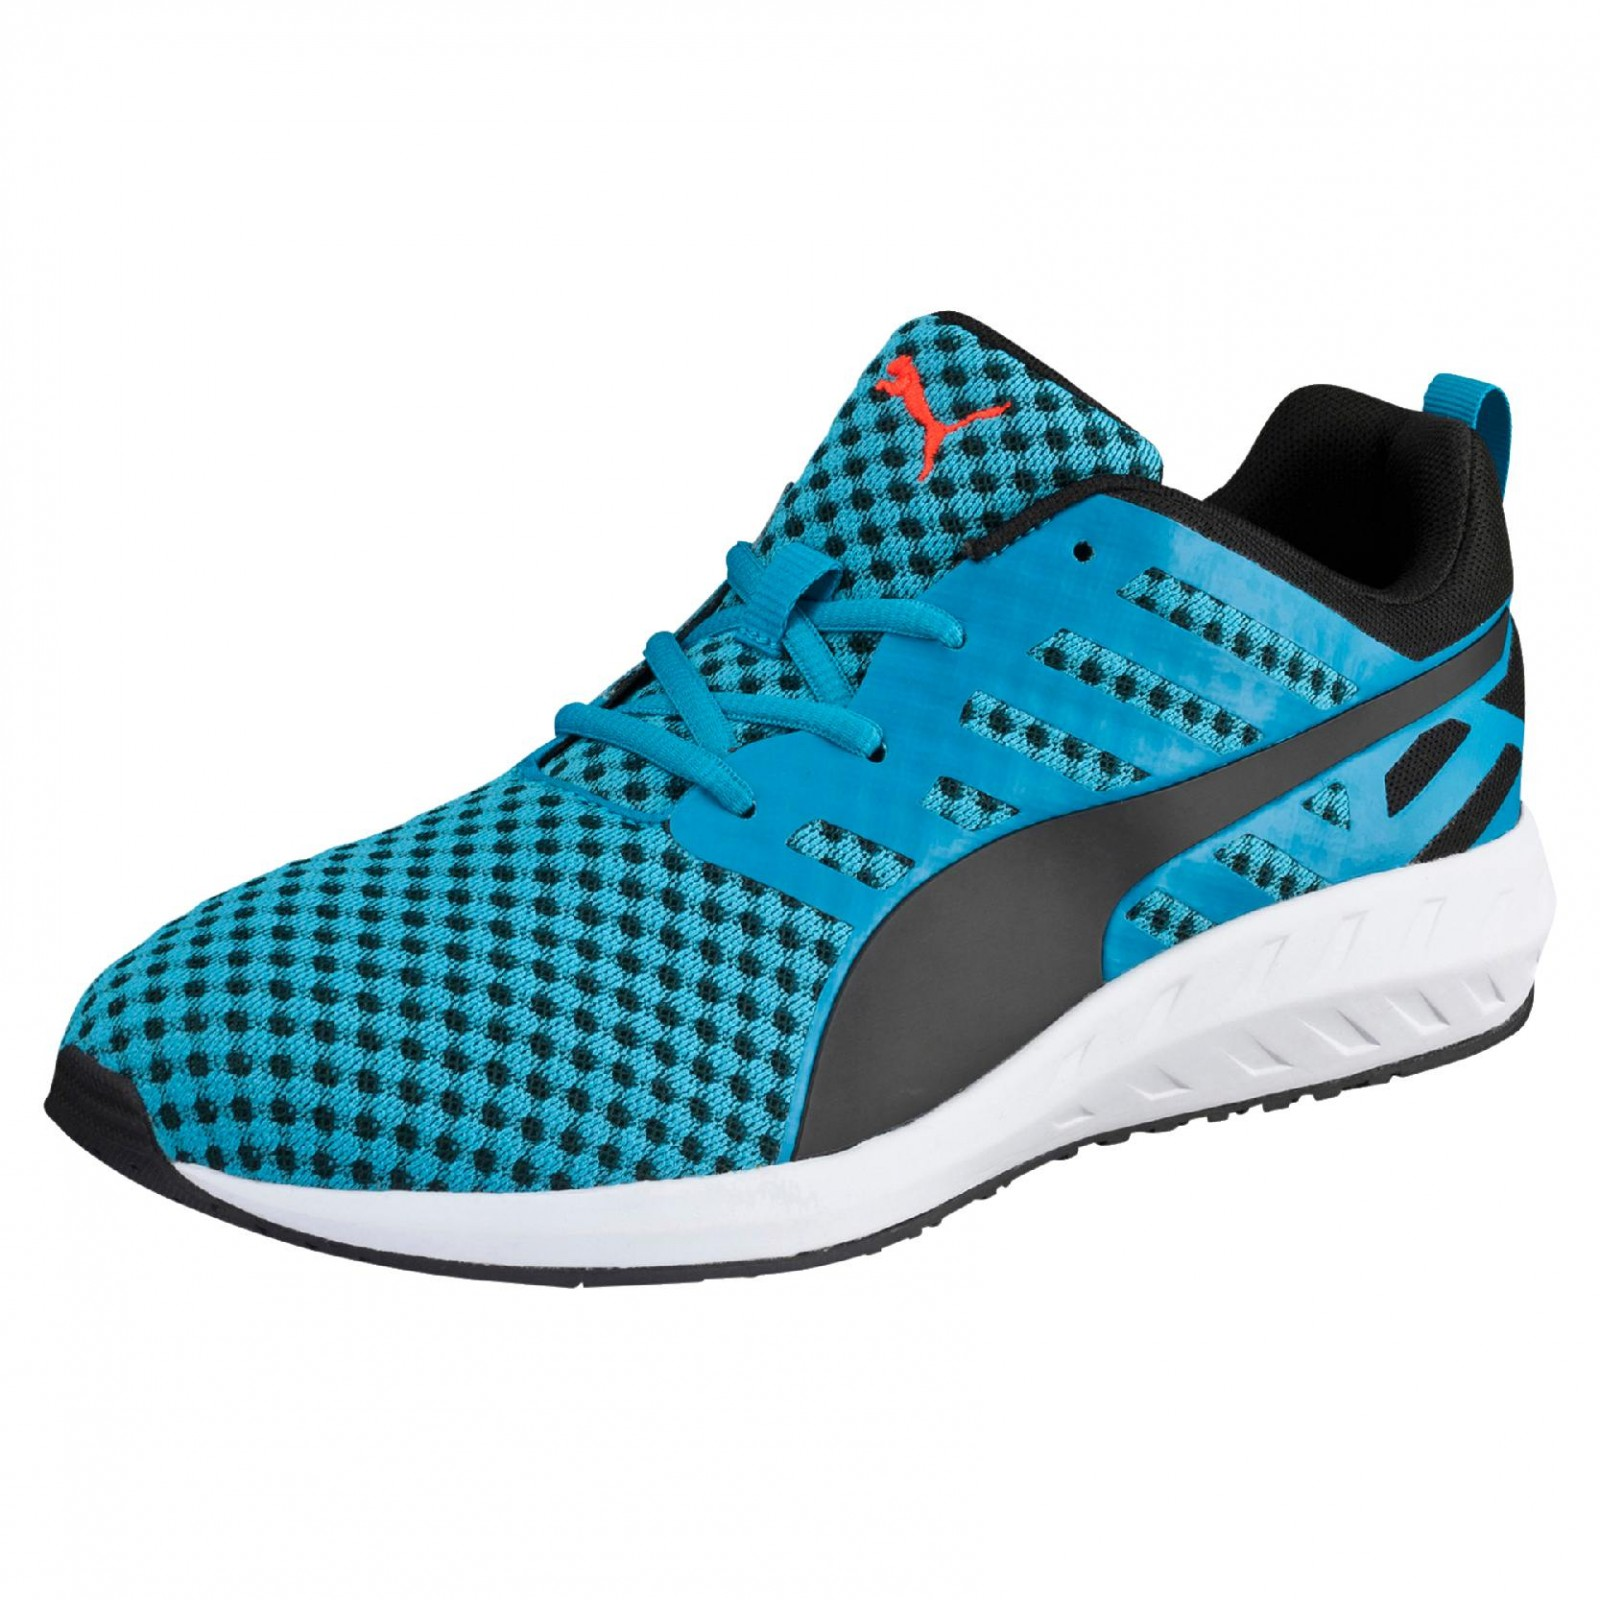 5bdc57fc5c8 Pánské běžecké boty Puma Flare atomic blue-black-white-